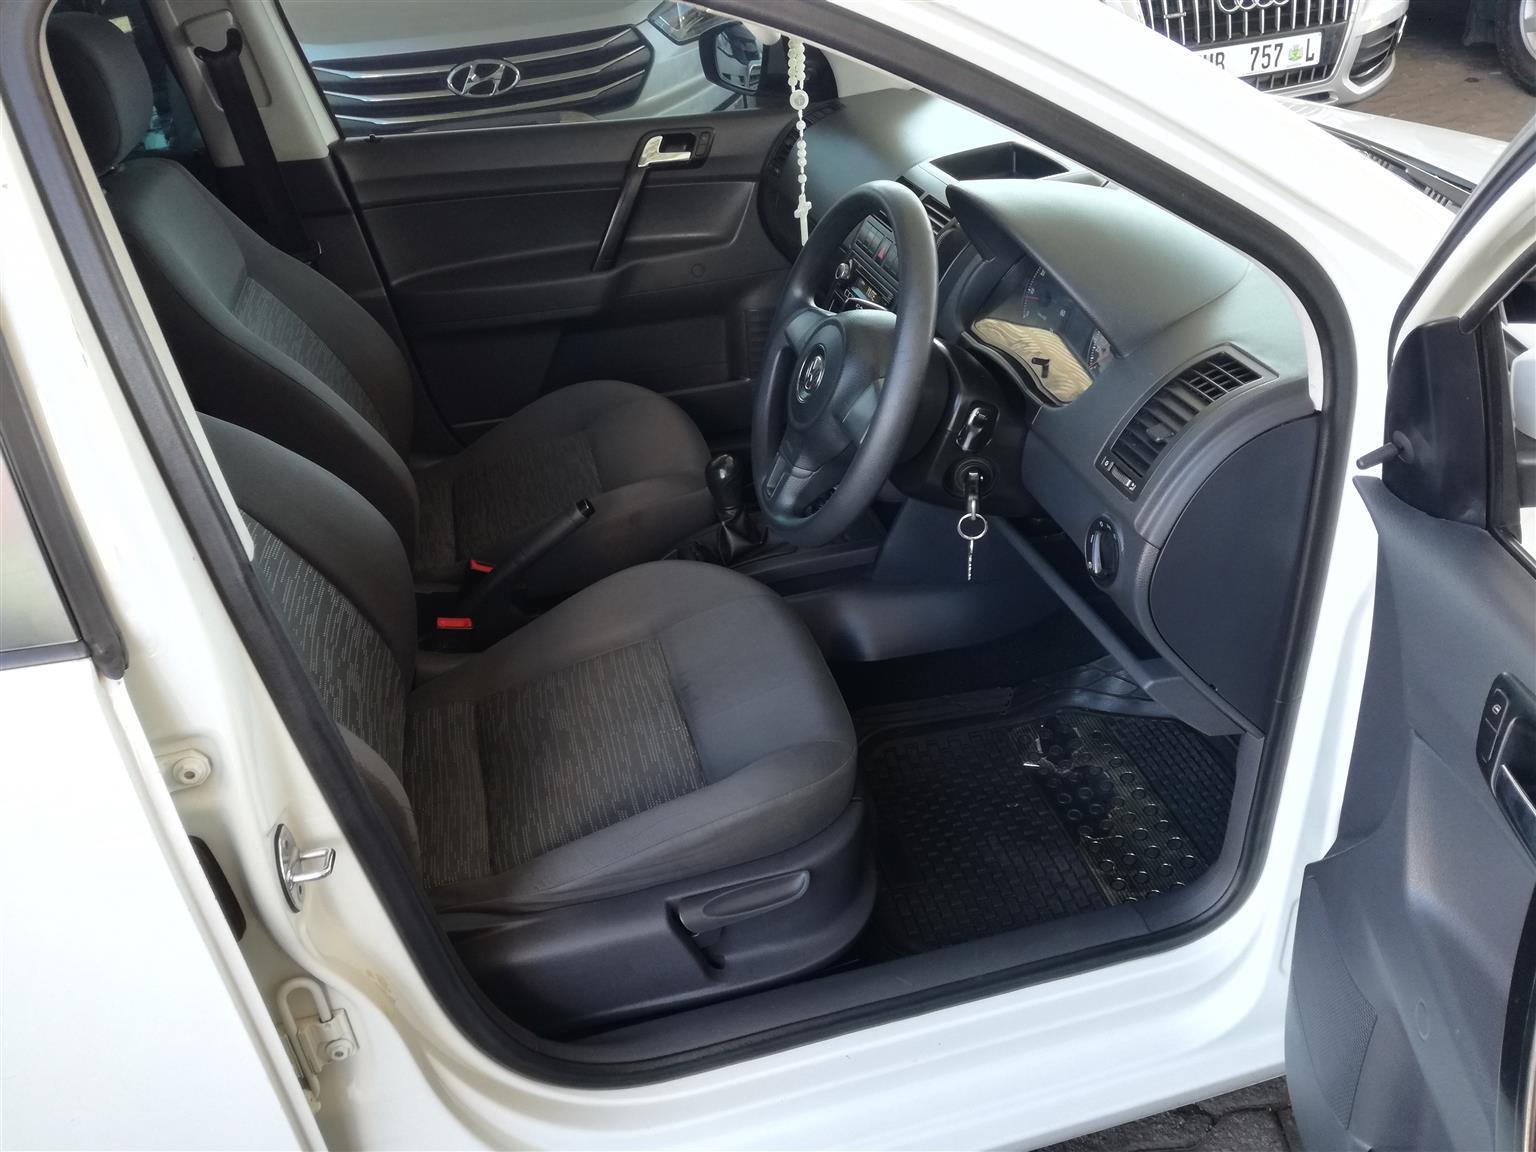 2015 Volkswagen Polo Vivo Sedan 1.4 Trendline 77,000km R118,000